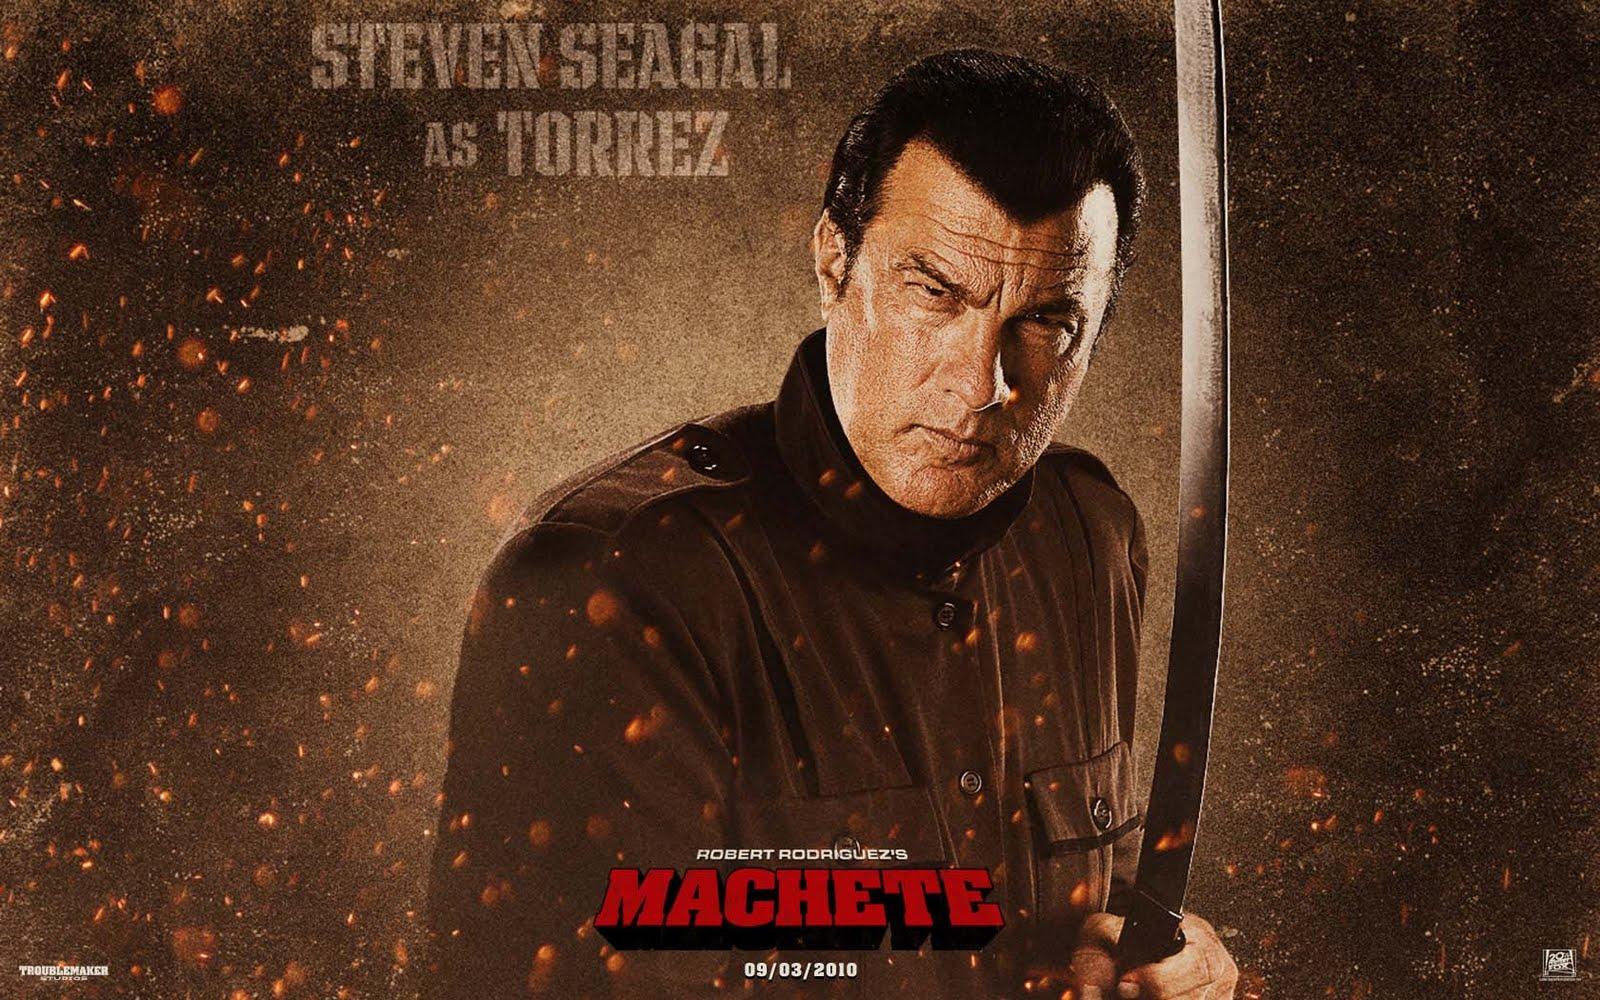 http://1.bp.blogspot.com/_IrPaKoaG71w/TPlJyzSe7JI/AAAAAAAABNc/SJfCScFyoxM/s1600/machete_seagal_lg.jpg